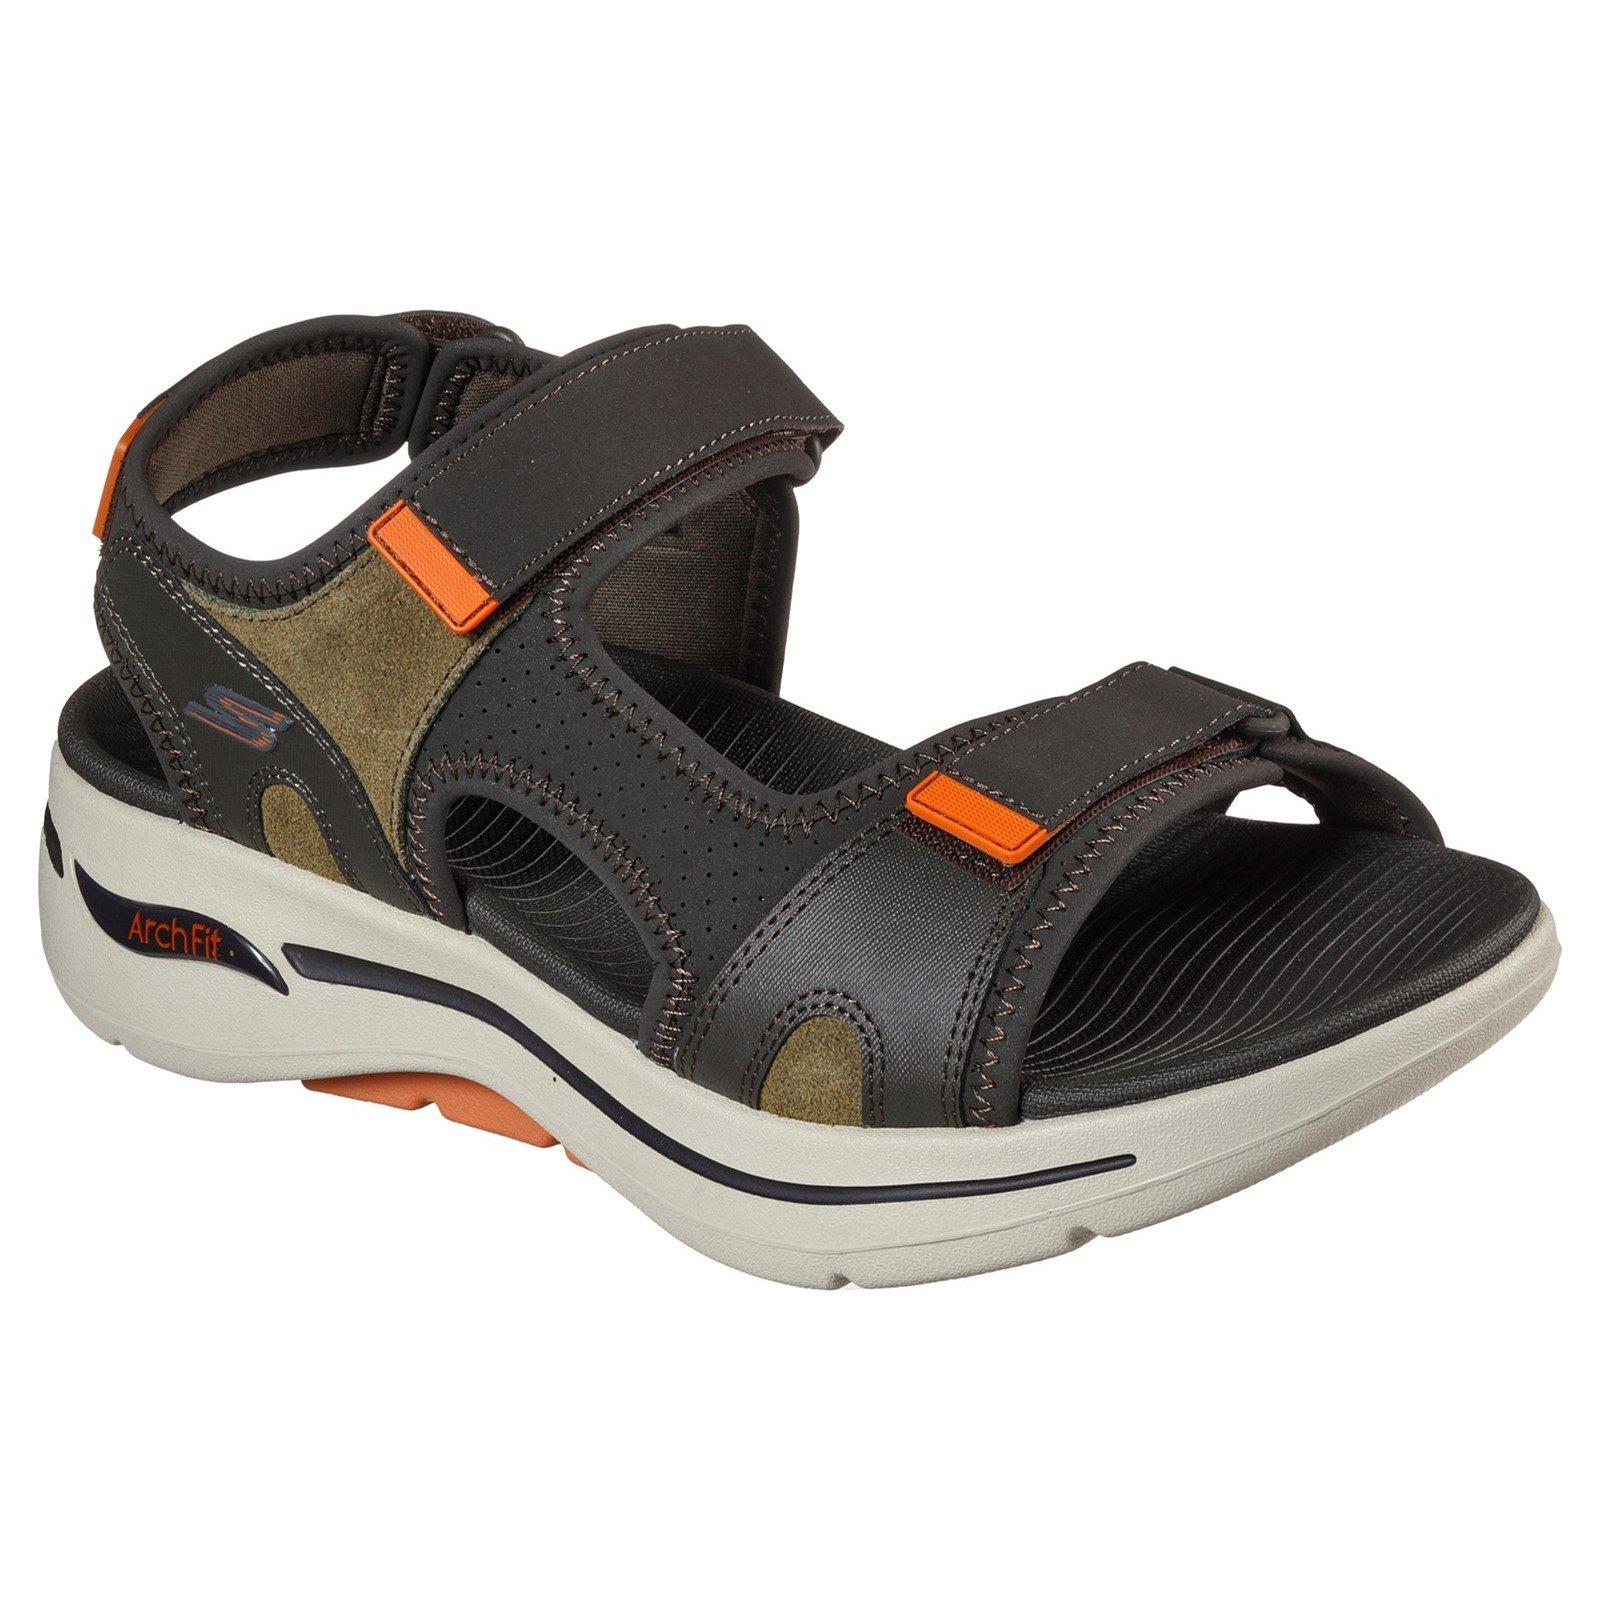 Skechers Men's Go Walk Arch Fit Mission Summer Sandal Multicolor 32211 - Olive/Orange 9